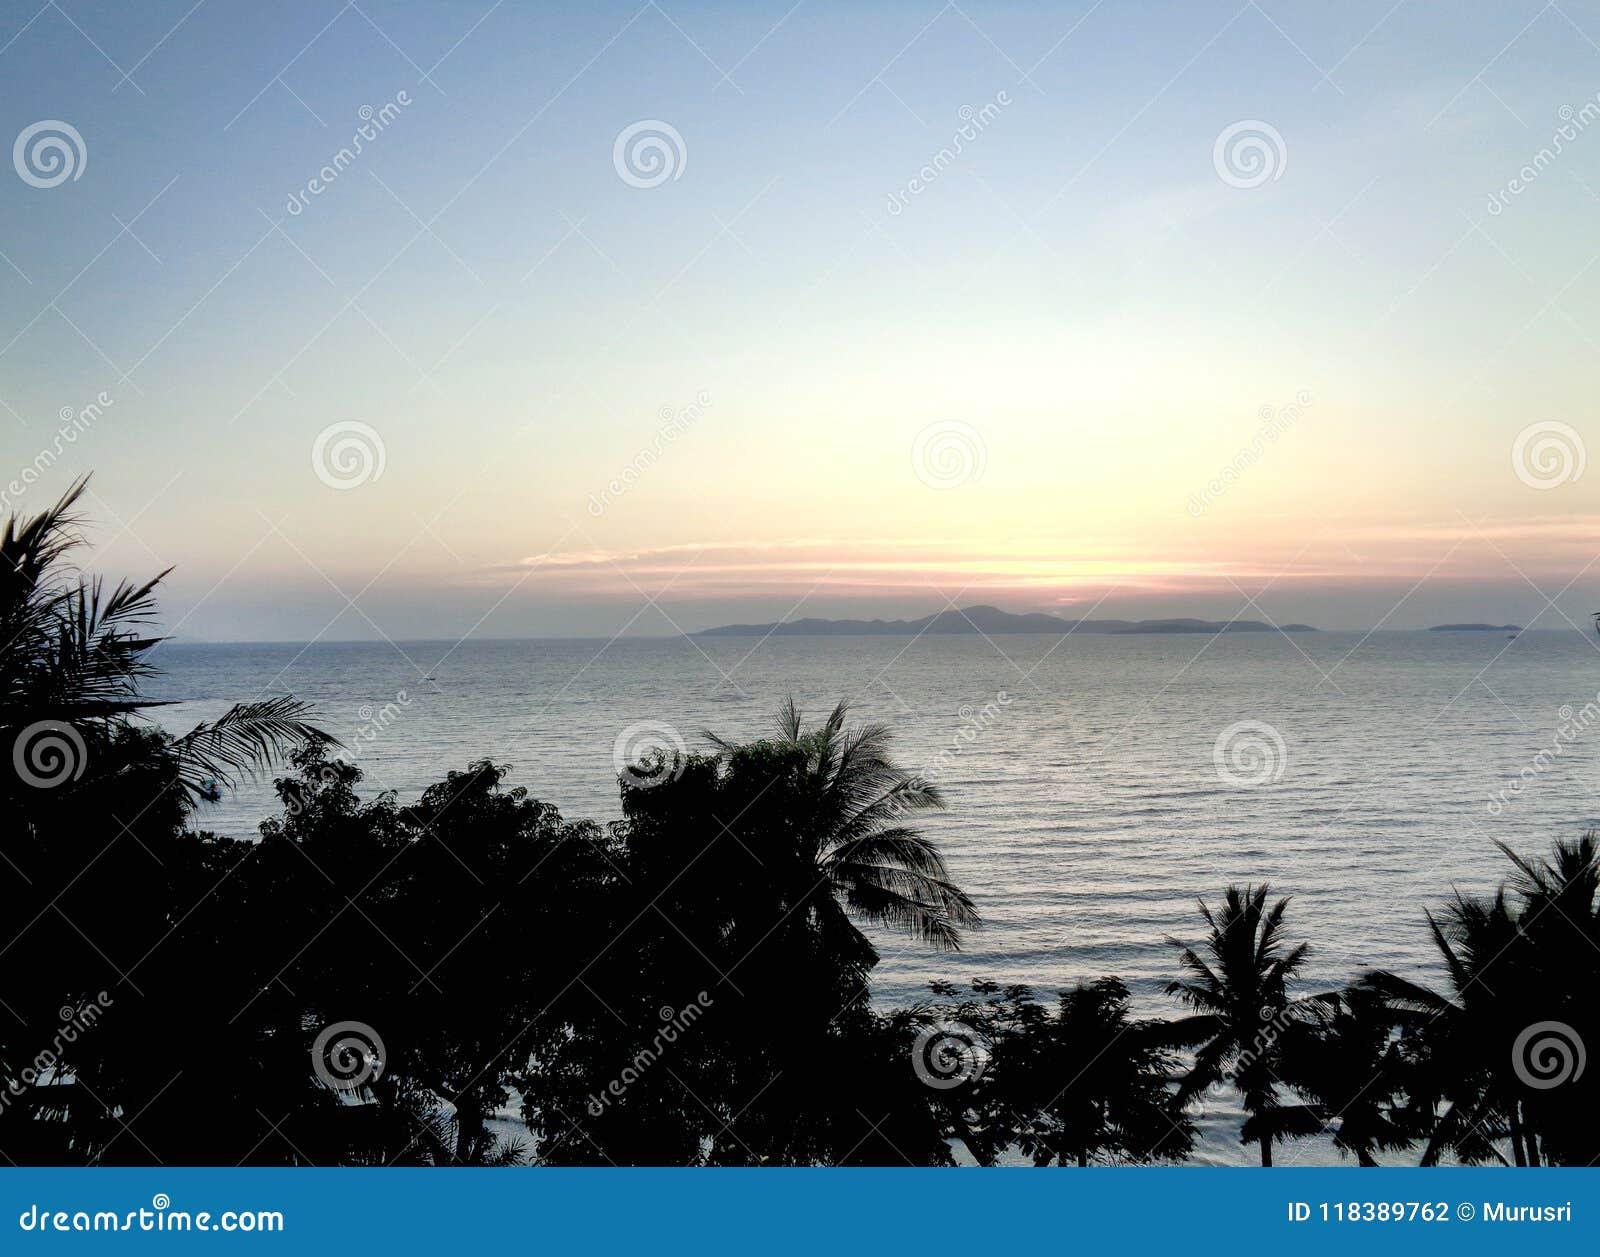 Pattaya Beach Sunset Thailand Stock Photo Image Of